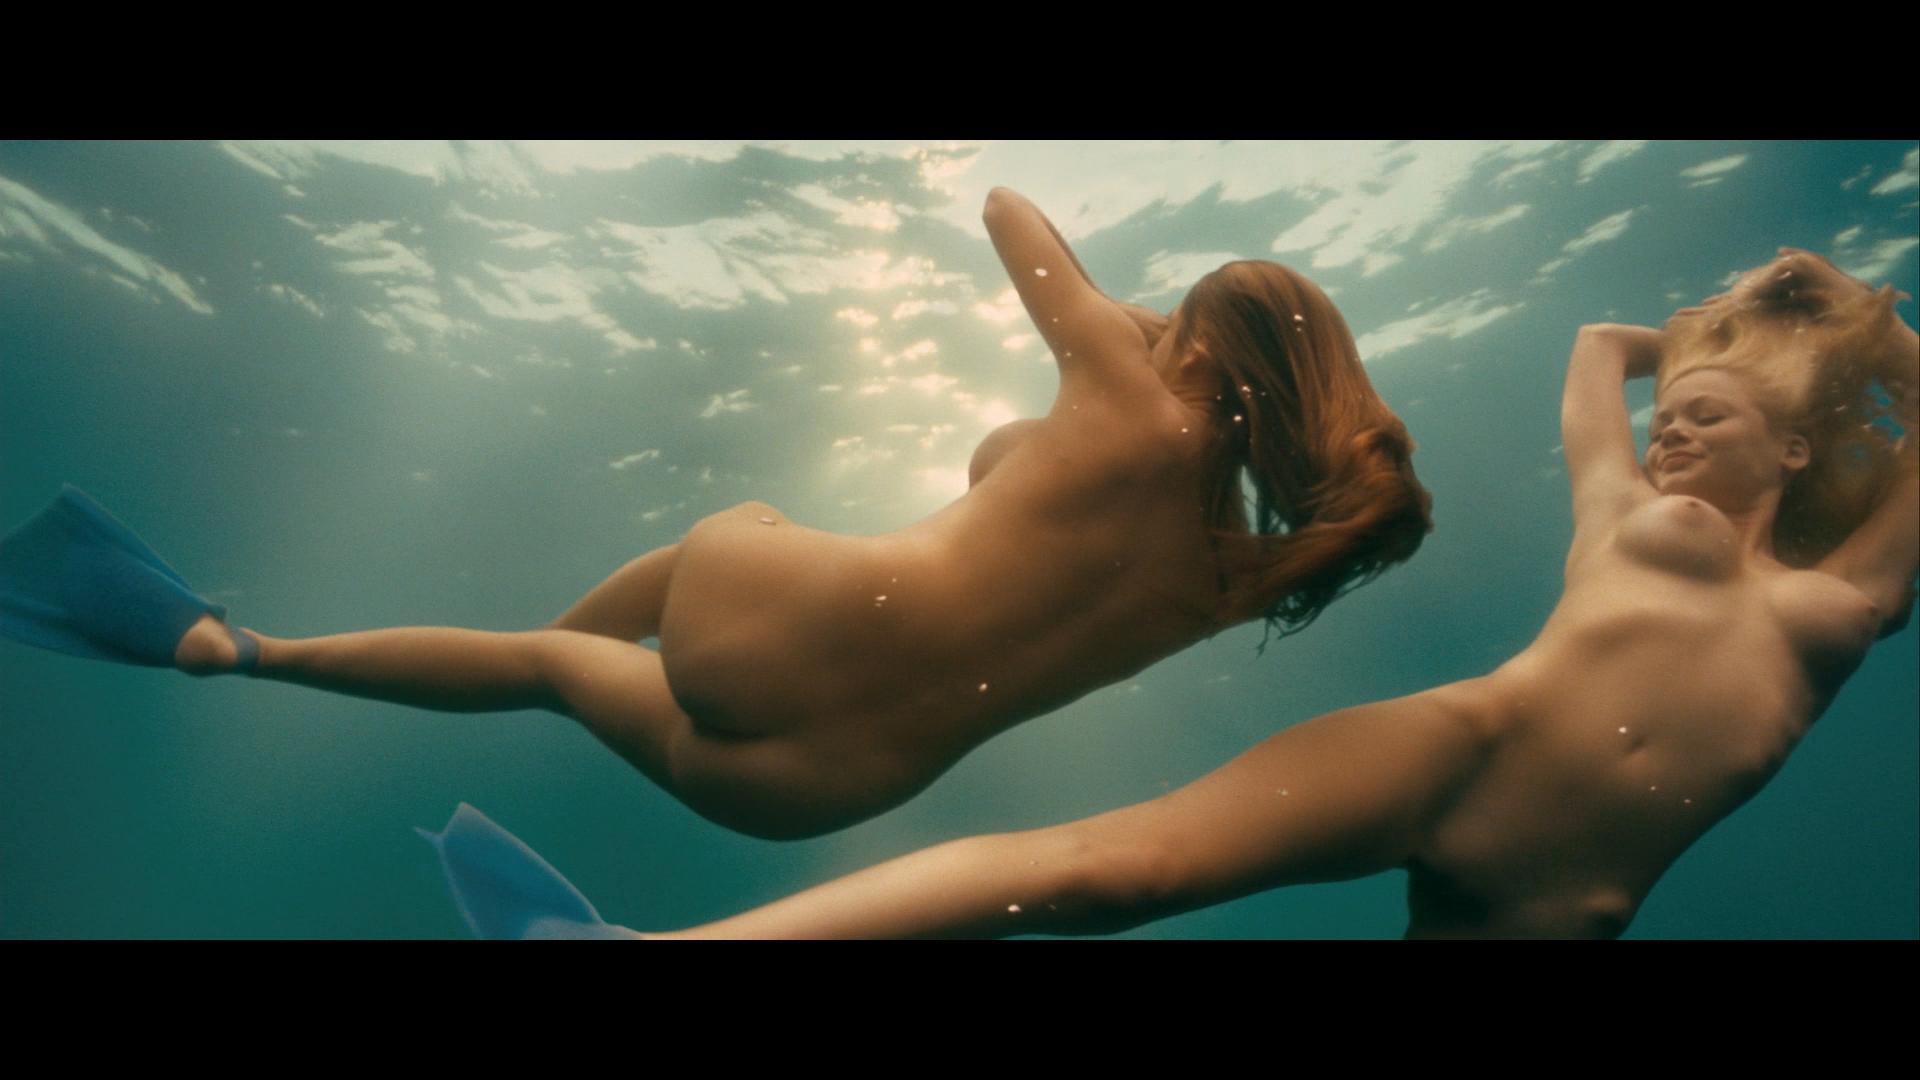 Nude Pool Gifs